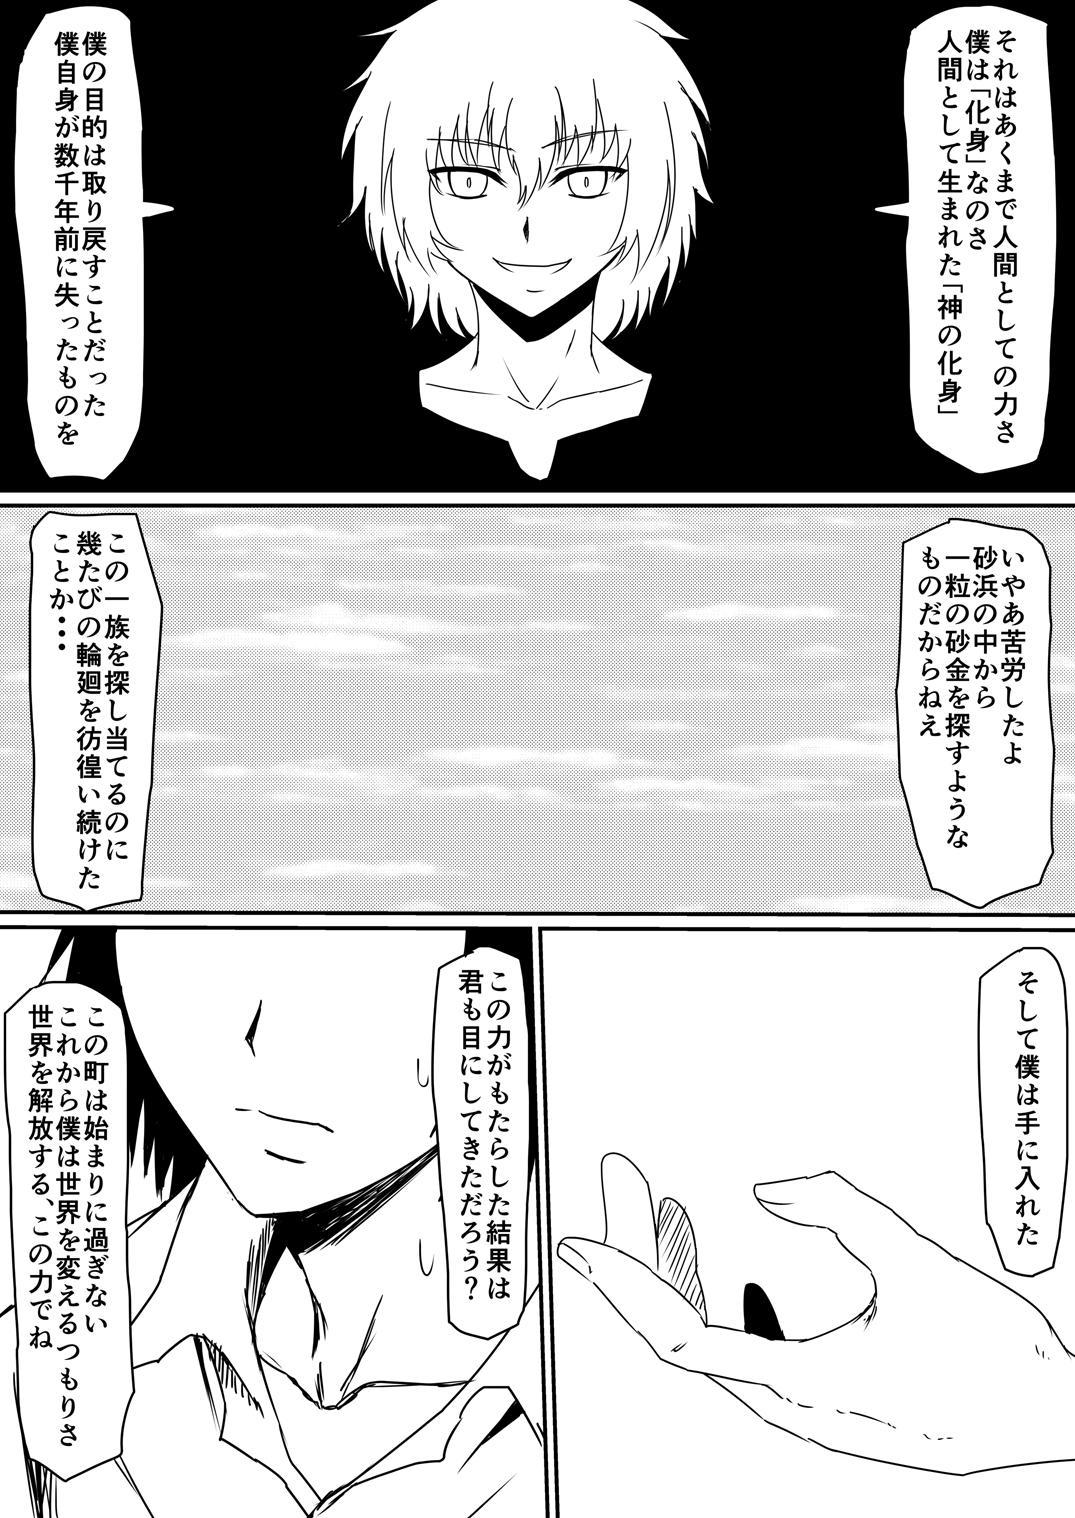 Mashou no Chinko o Motsu Shounen Kouhen 58